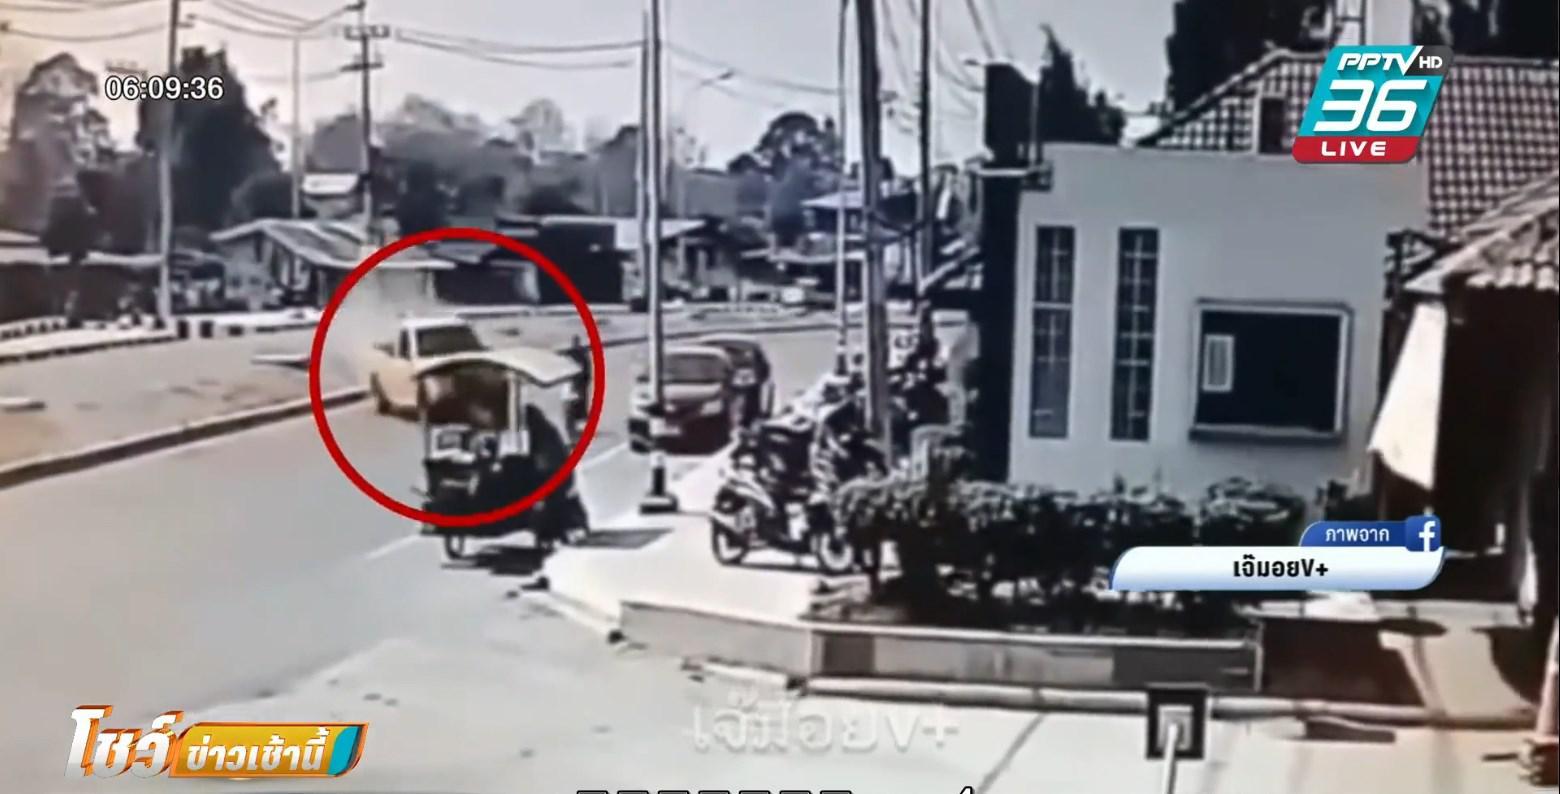 กระบะแต่งซิ่ง แหกโค้ง ชนมอไซค์-รถขายของ ก่อนขับหนี